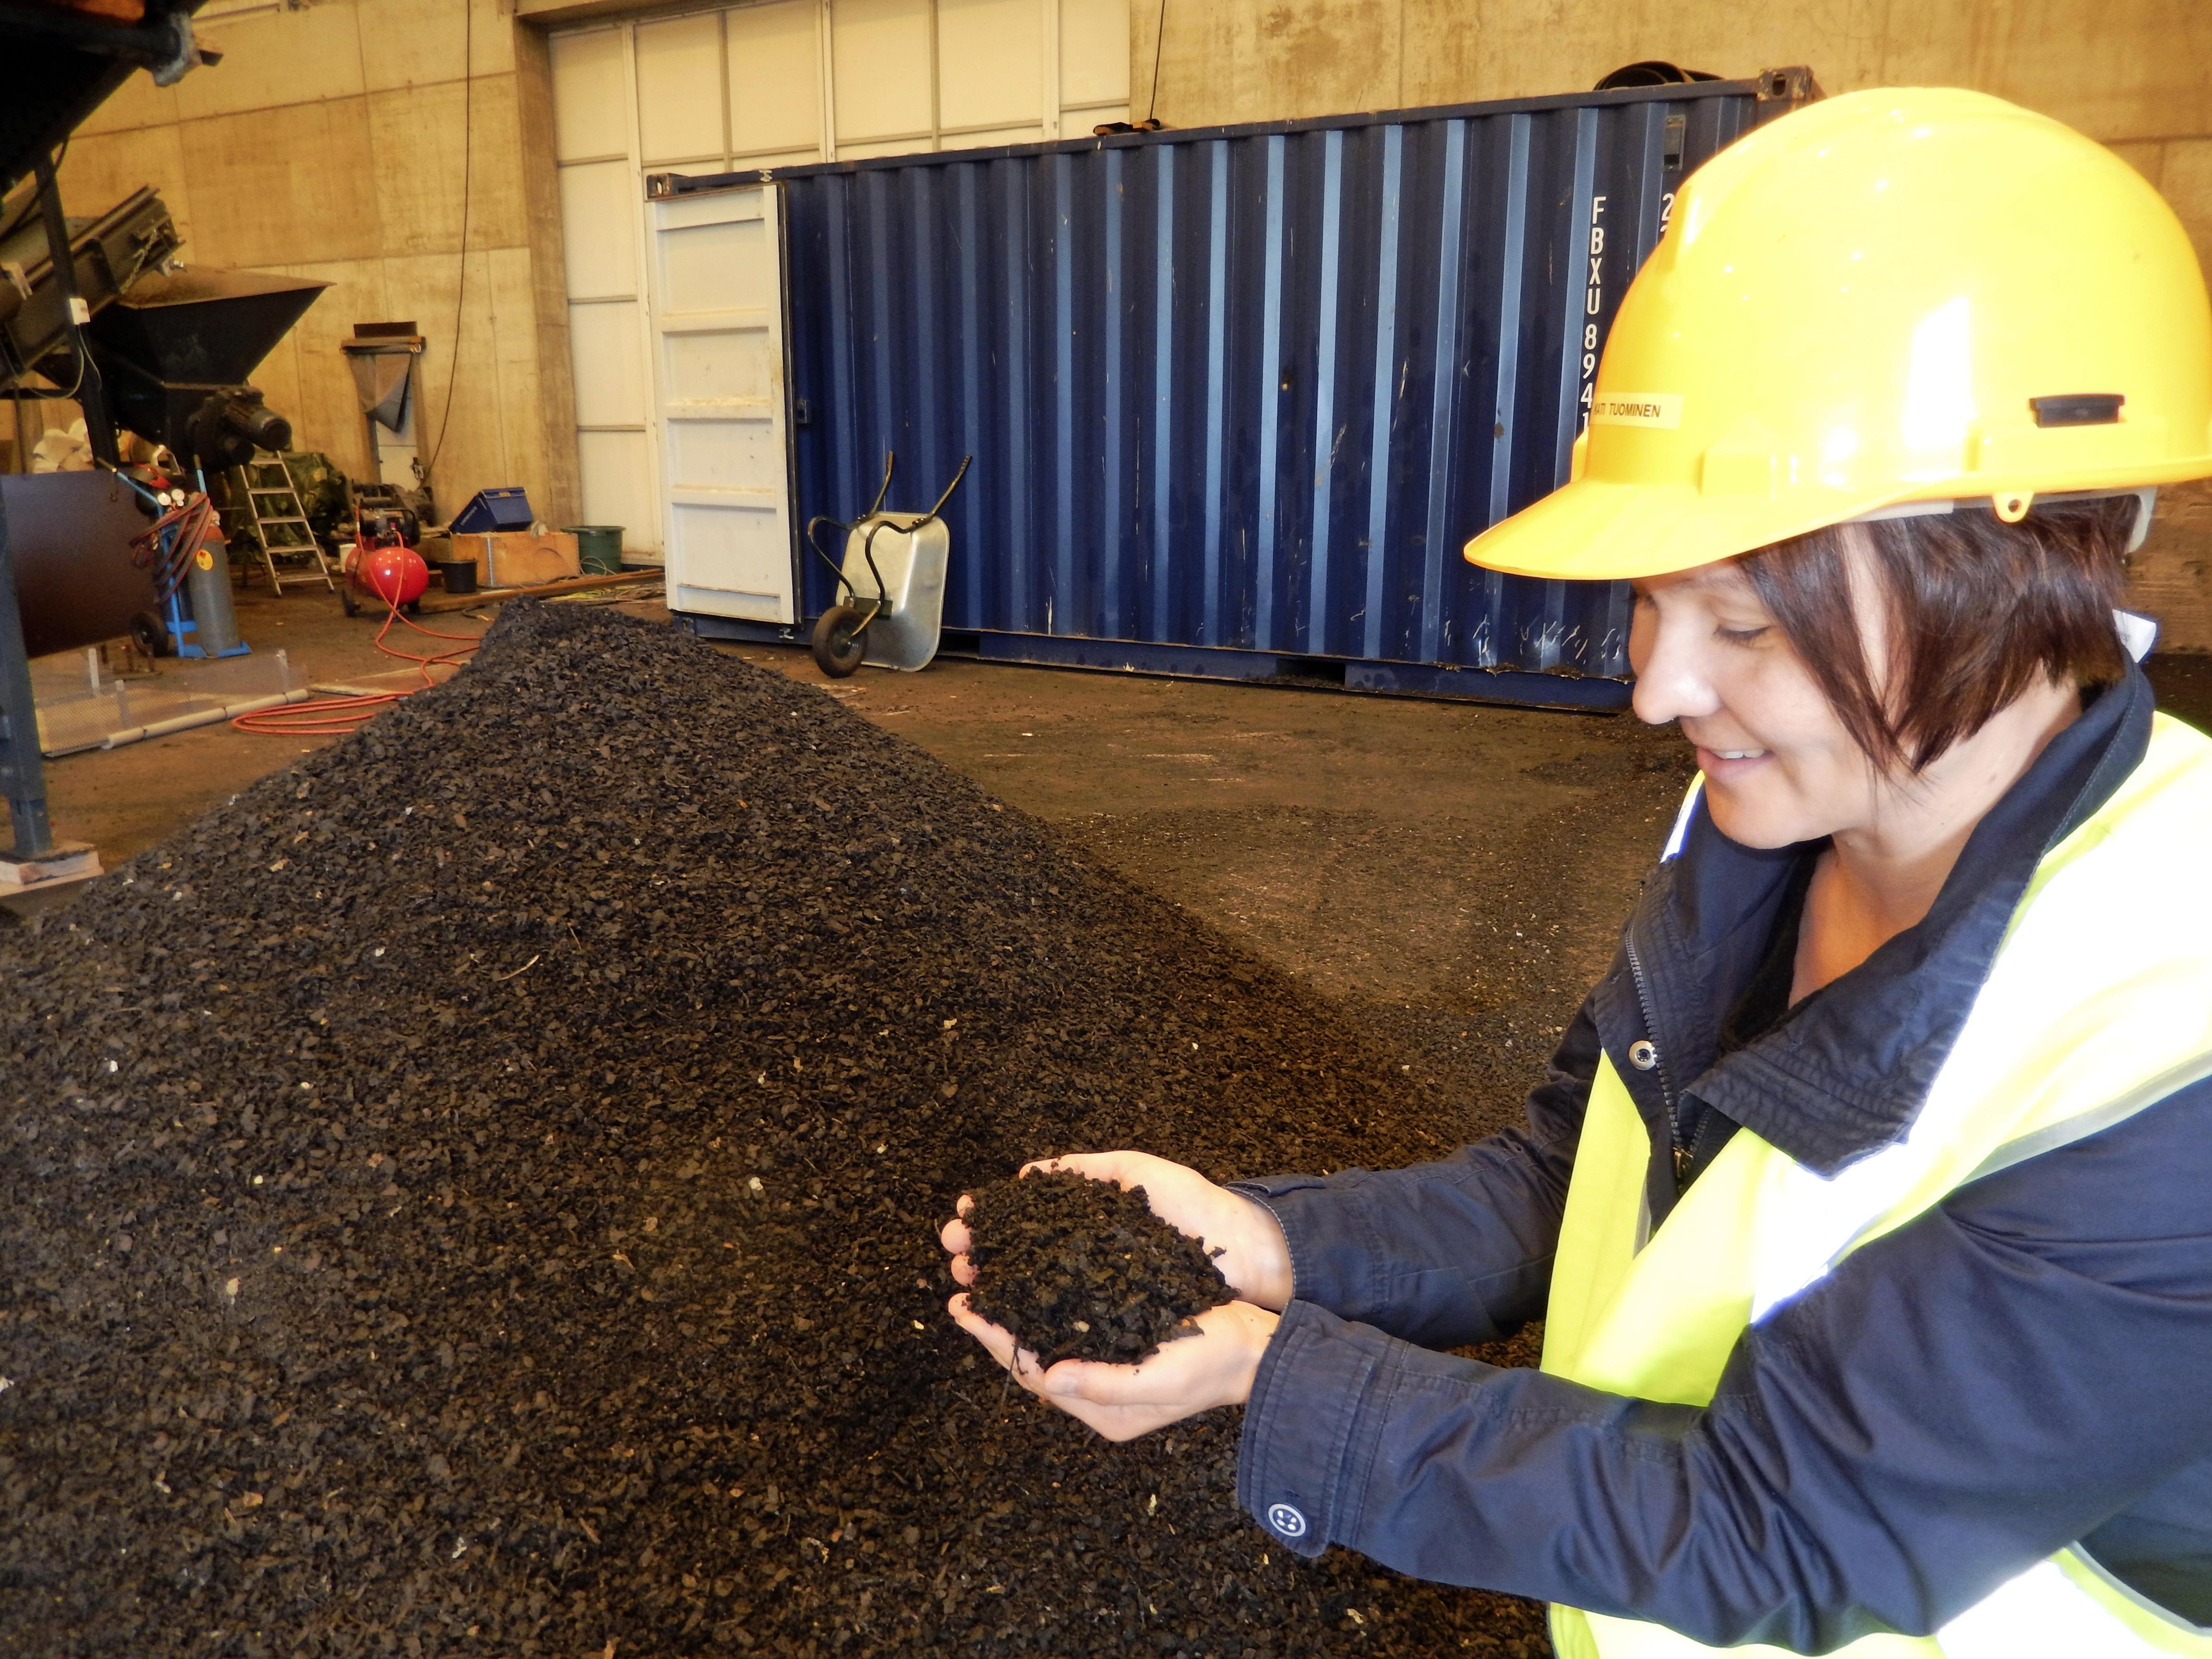 Lahti panostaa kierrätykseen. Kaurialassa asfalttirouhe kiertyy päällysteeksi Kati Tuomisen ohjauksessa. Lahdella on myös ympäristöyhteistyötä Etelä-Afrikan ja Ghanan kanssa. (Kuva Markku Vento)